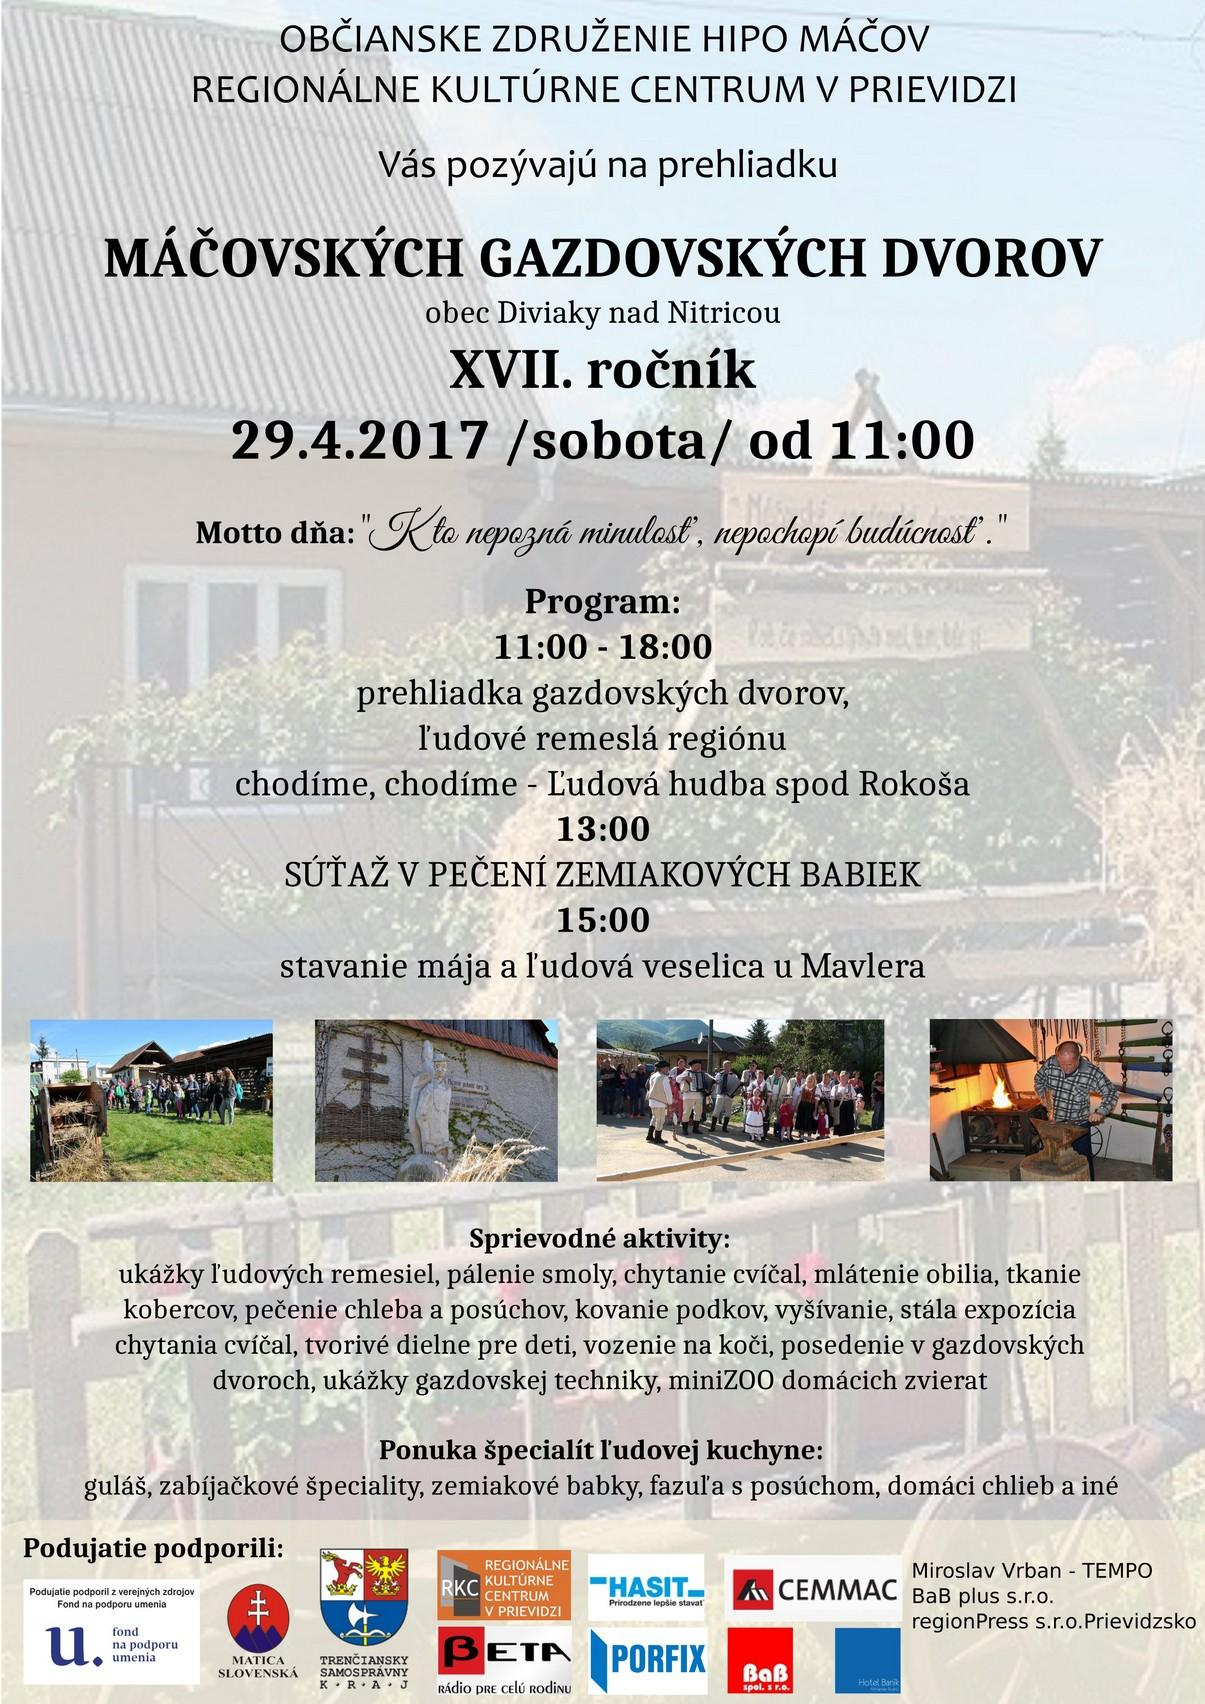 macovske-gazdovske-dvory-2017